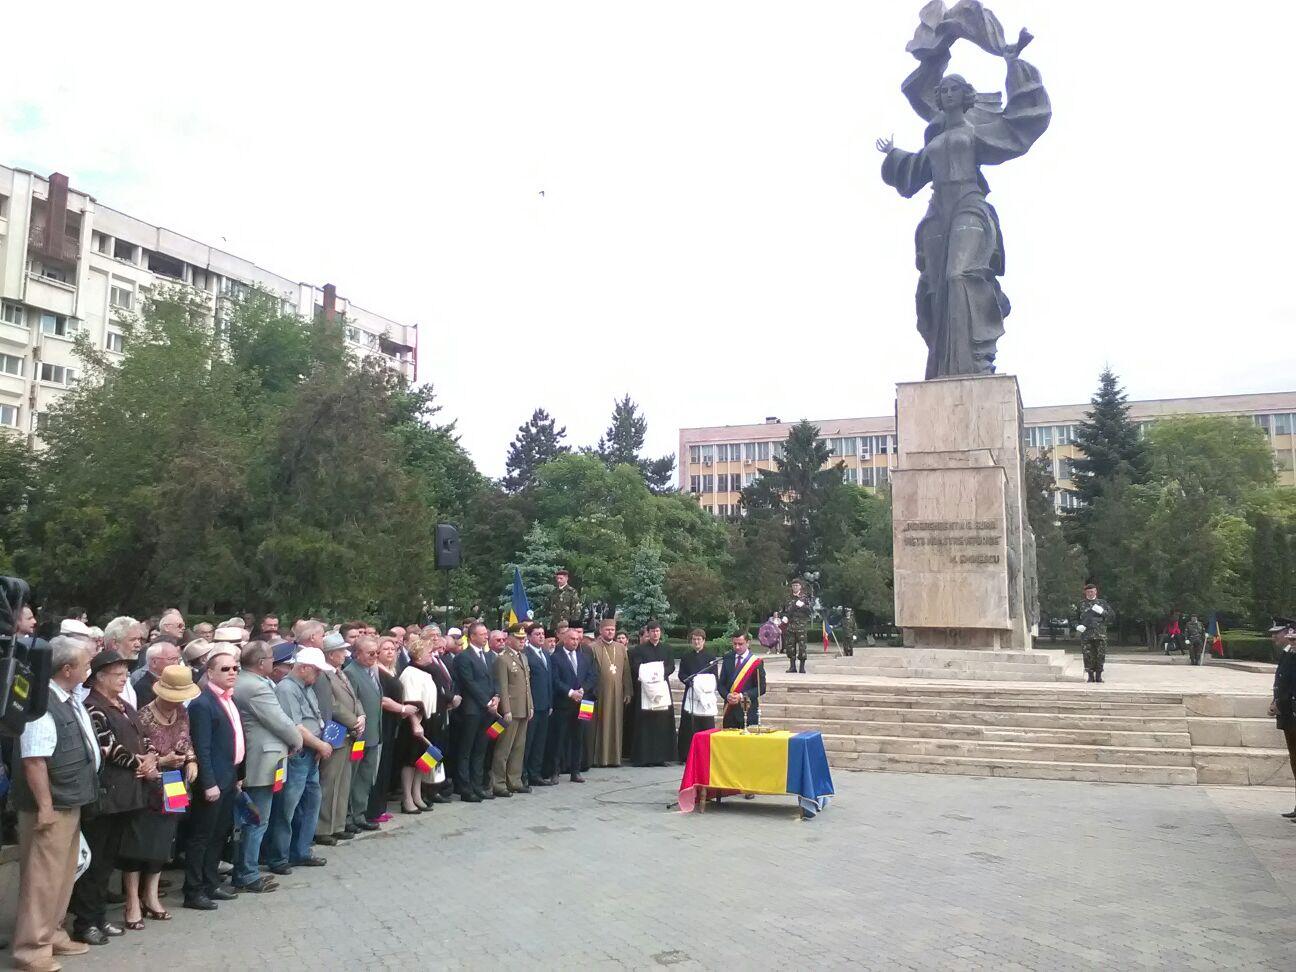 9 mai, o zi cu semnificații multiple pentru românii de pe ambele maluri ale Prutului